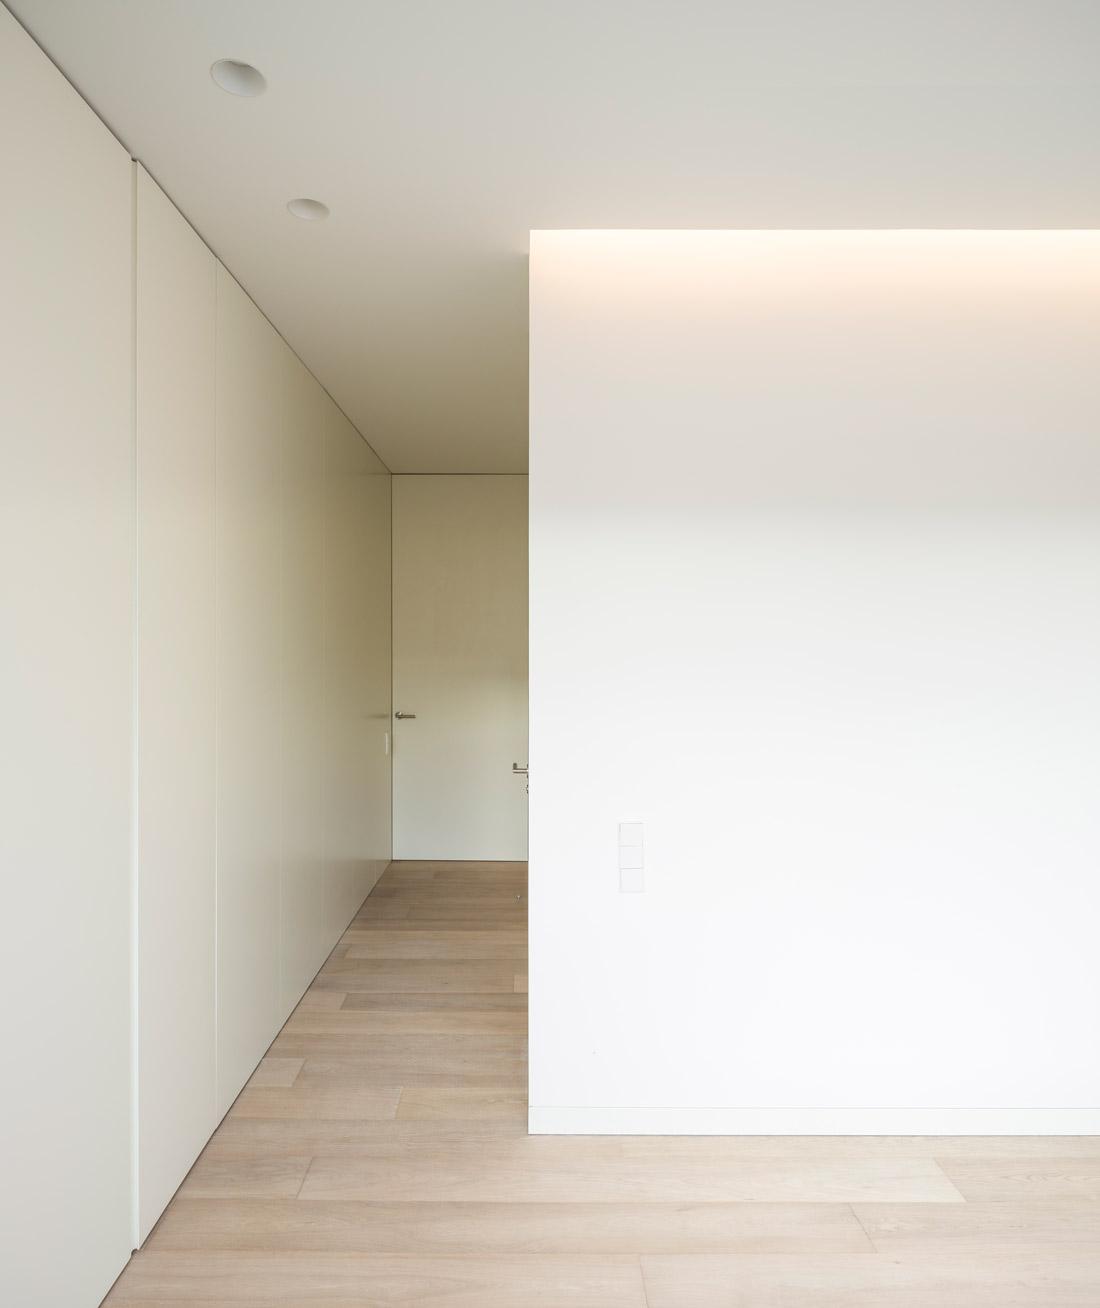 mayordomo architecture homu spanish architects invisible baseboard